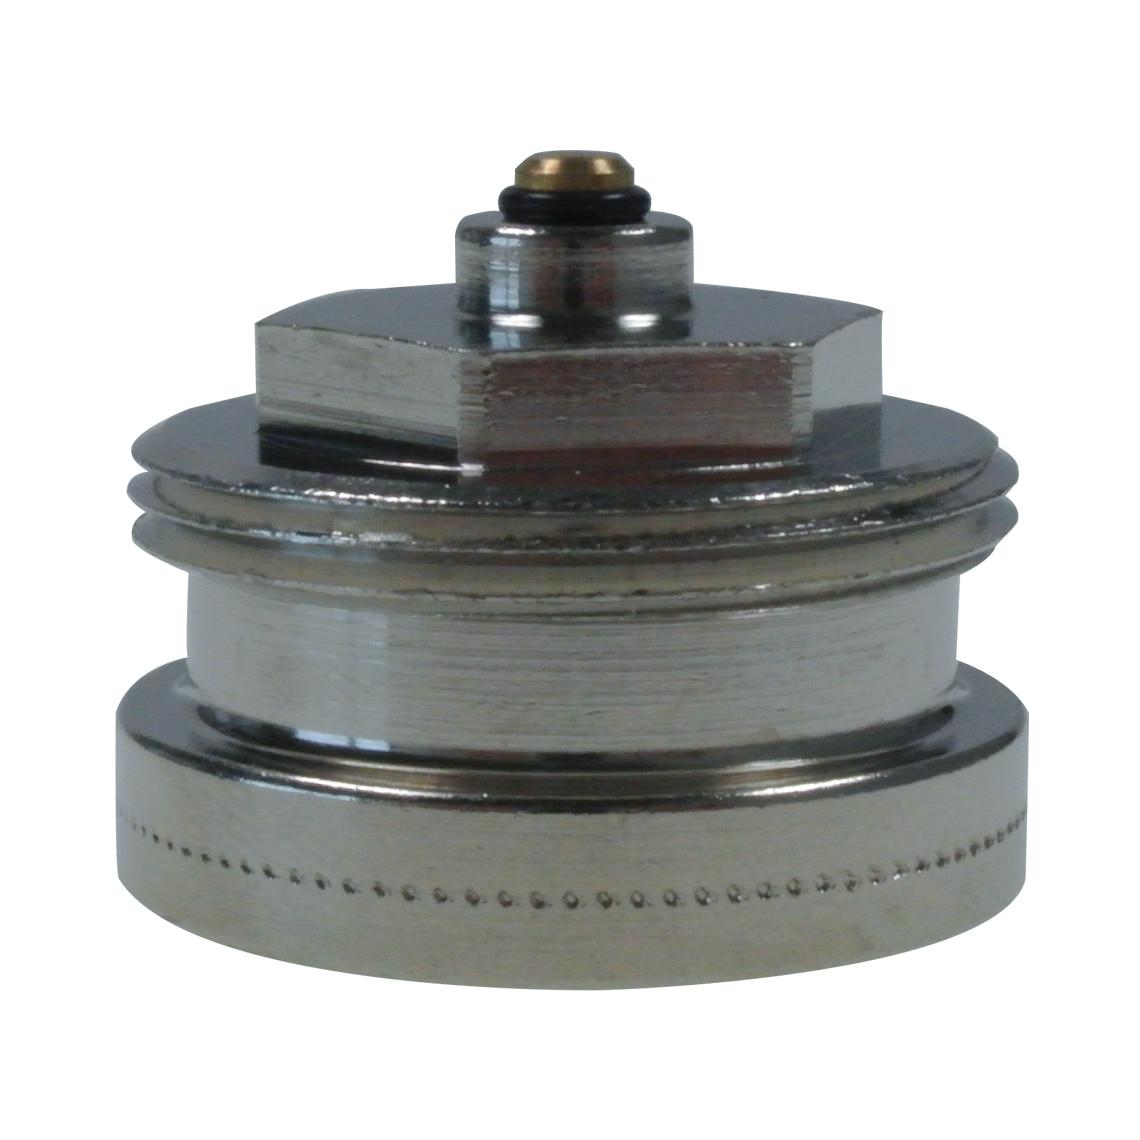 Ventiladapter SAB für Herz Z807 (M28 X 1,5 mm) Produktbild